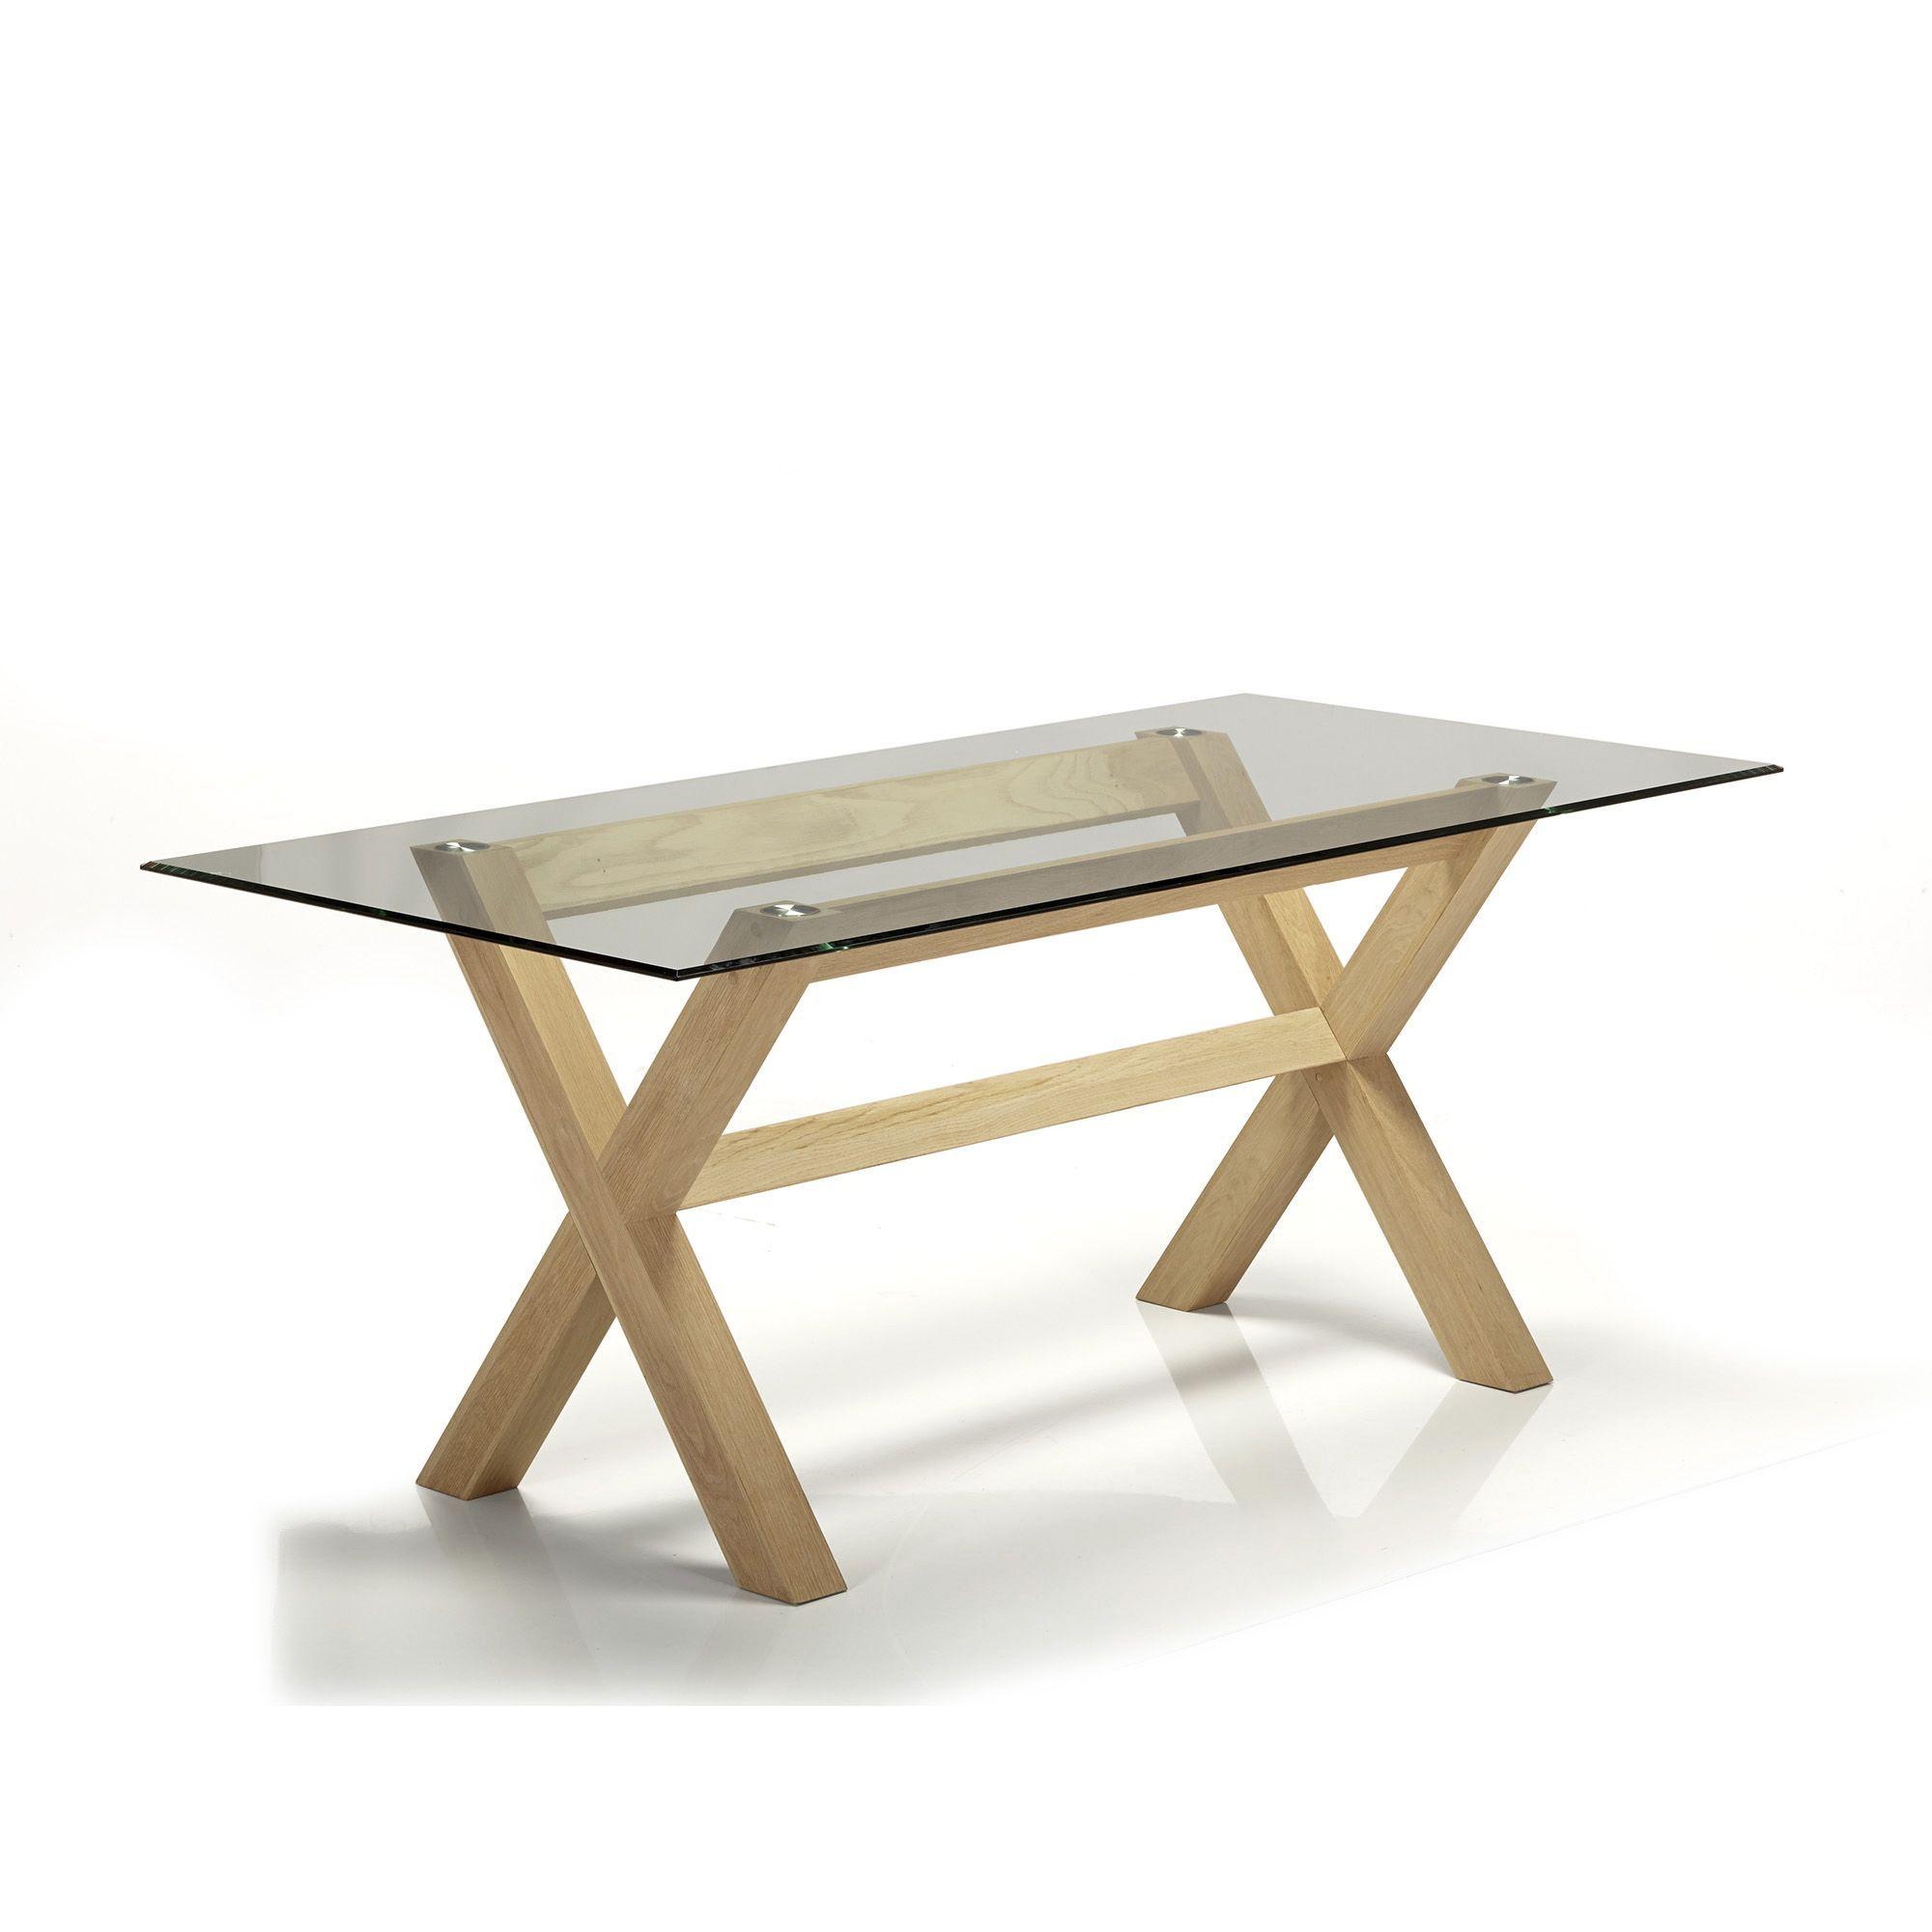 Pieds en croix en chêne pour table de repas Peker - Tables et ...